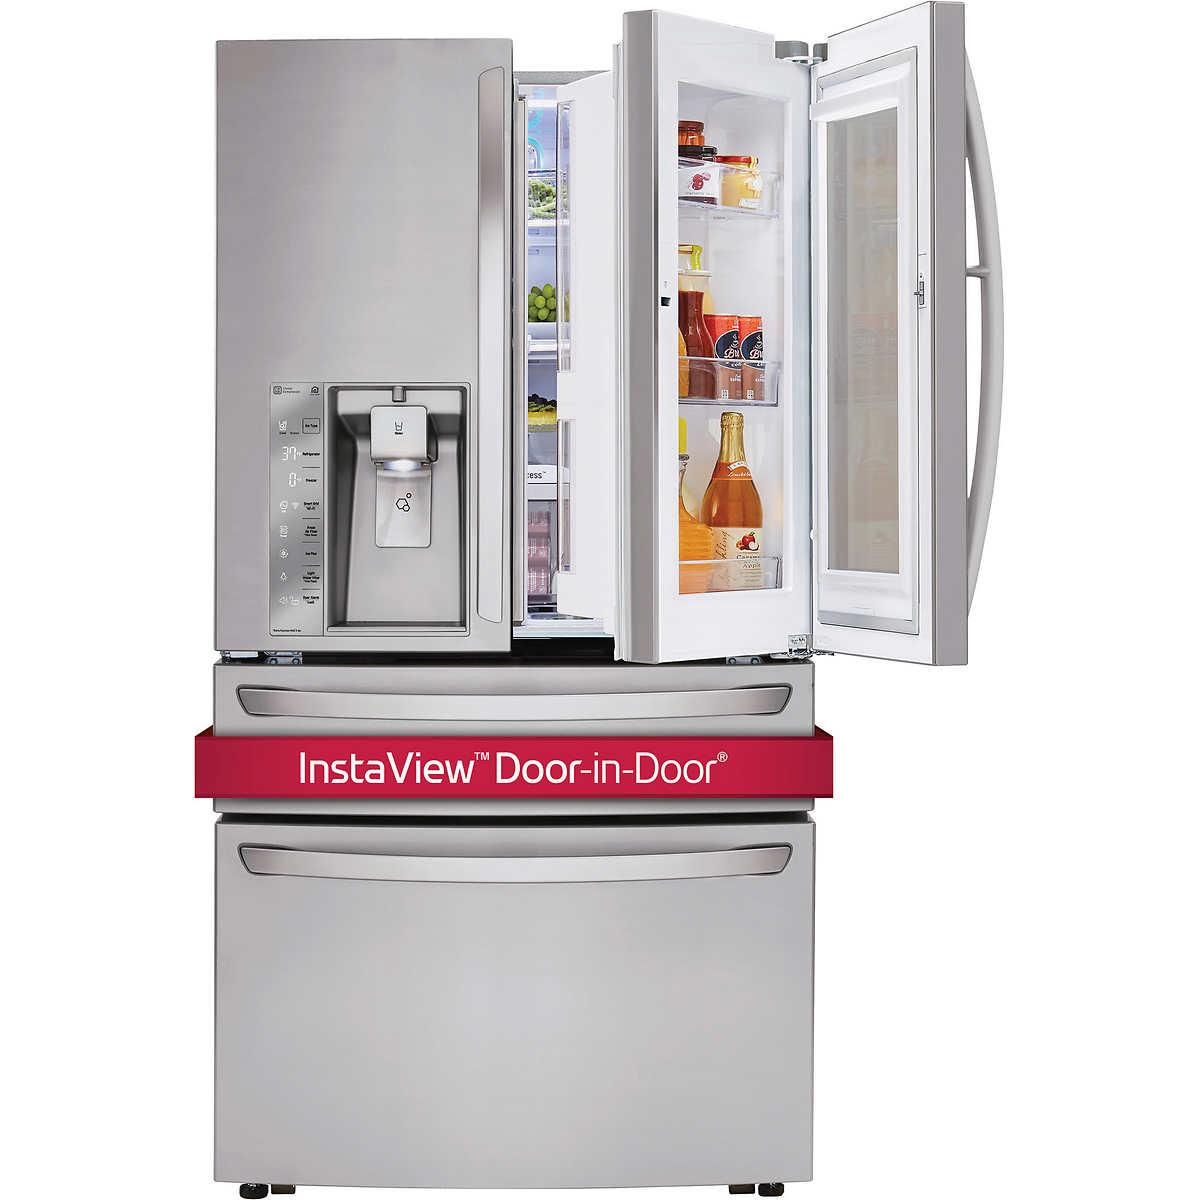 LG 30CuFt 4-Door French Door InstaView Refrigerator with Door-in-Door in